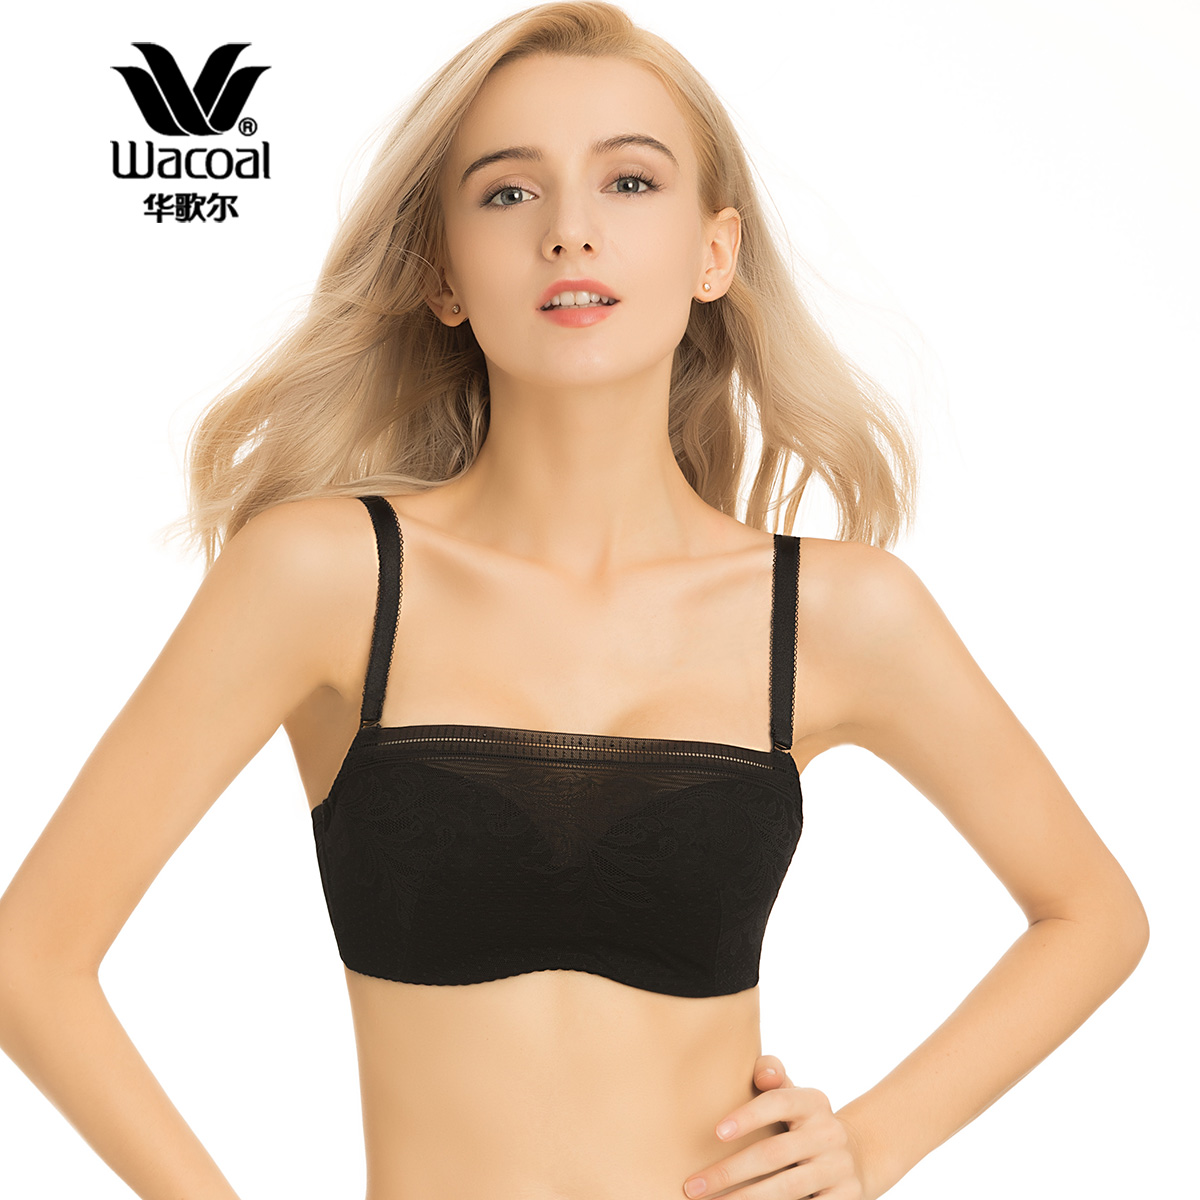 华歌尔Wacoal薄款无痕蕾丝防走光女士内衣抹胸裹胸文胸WB3037